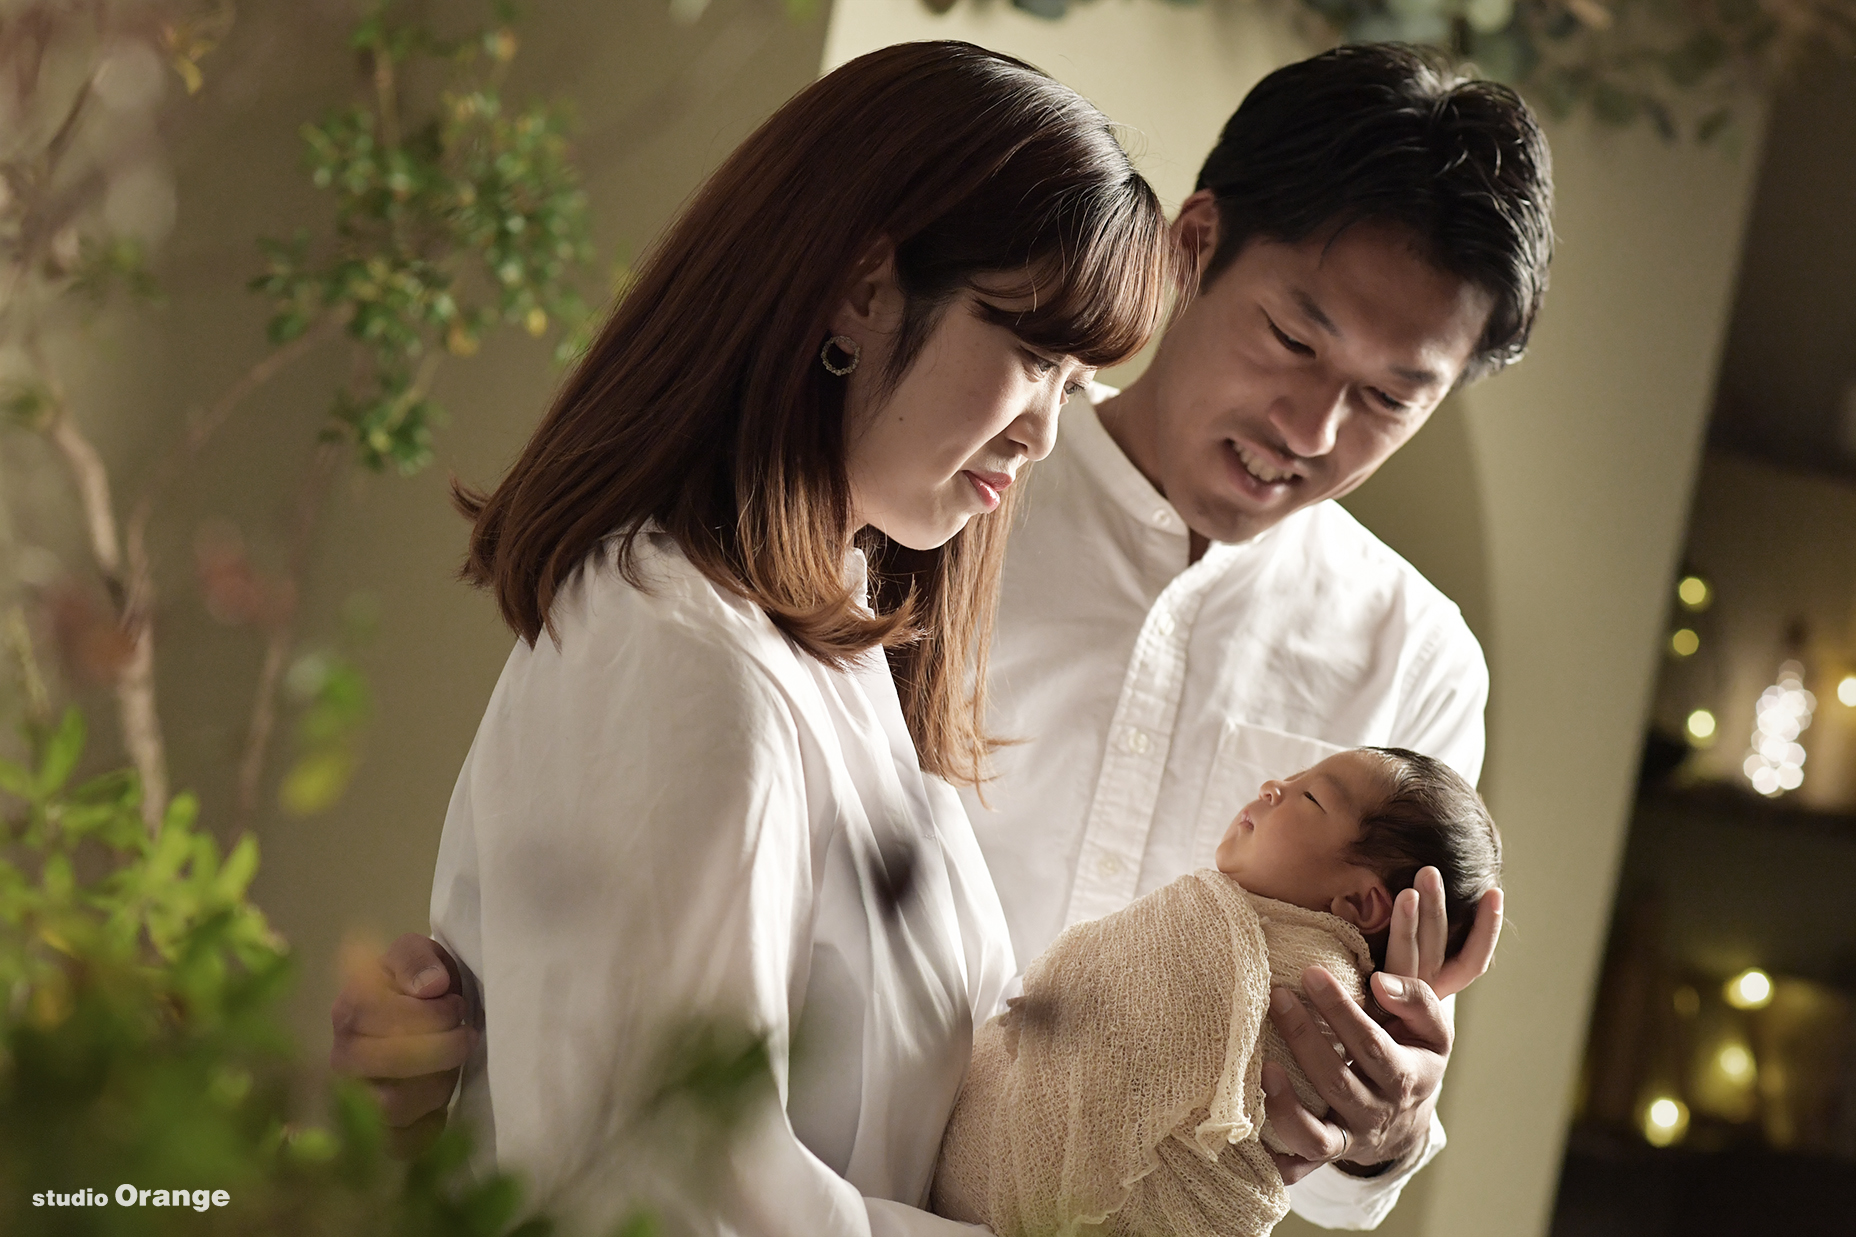 ニューボーンフォト 家族撮影 新生児フォト 生後10日